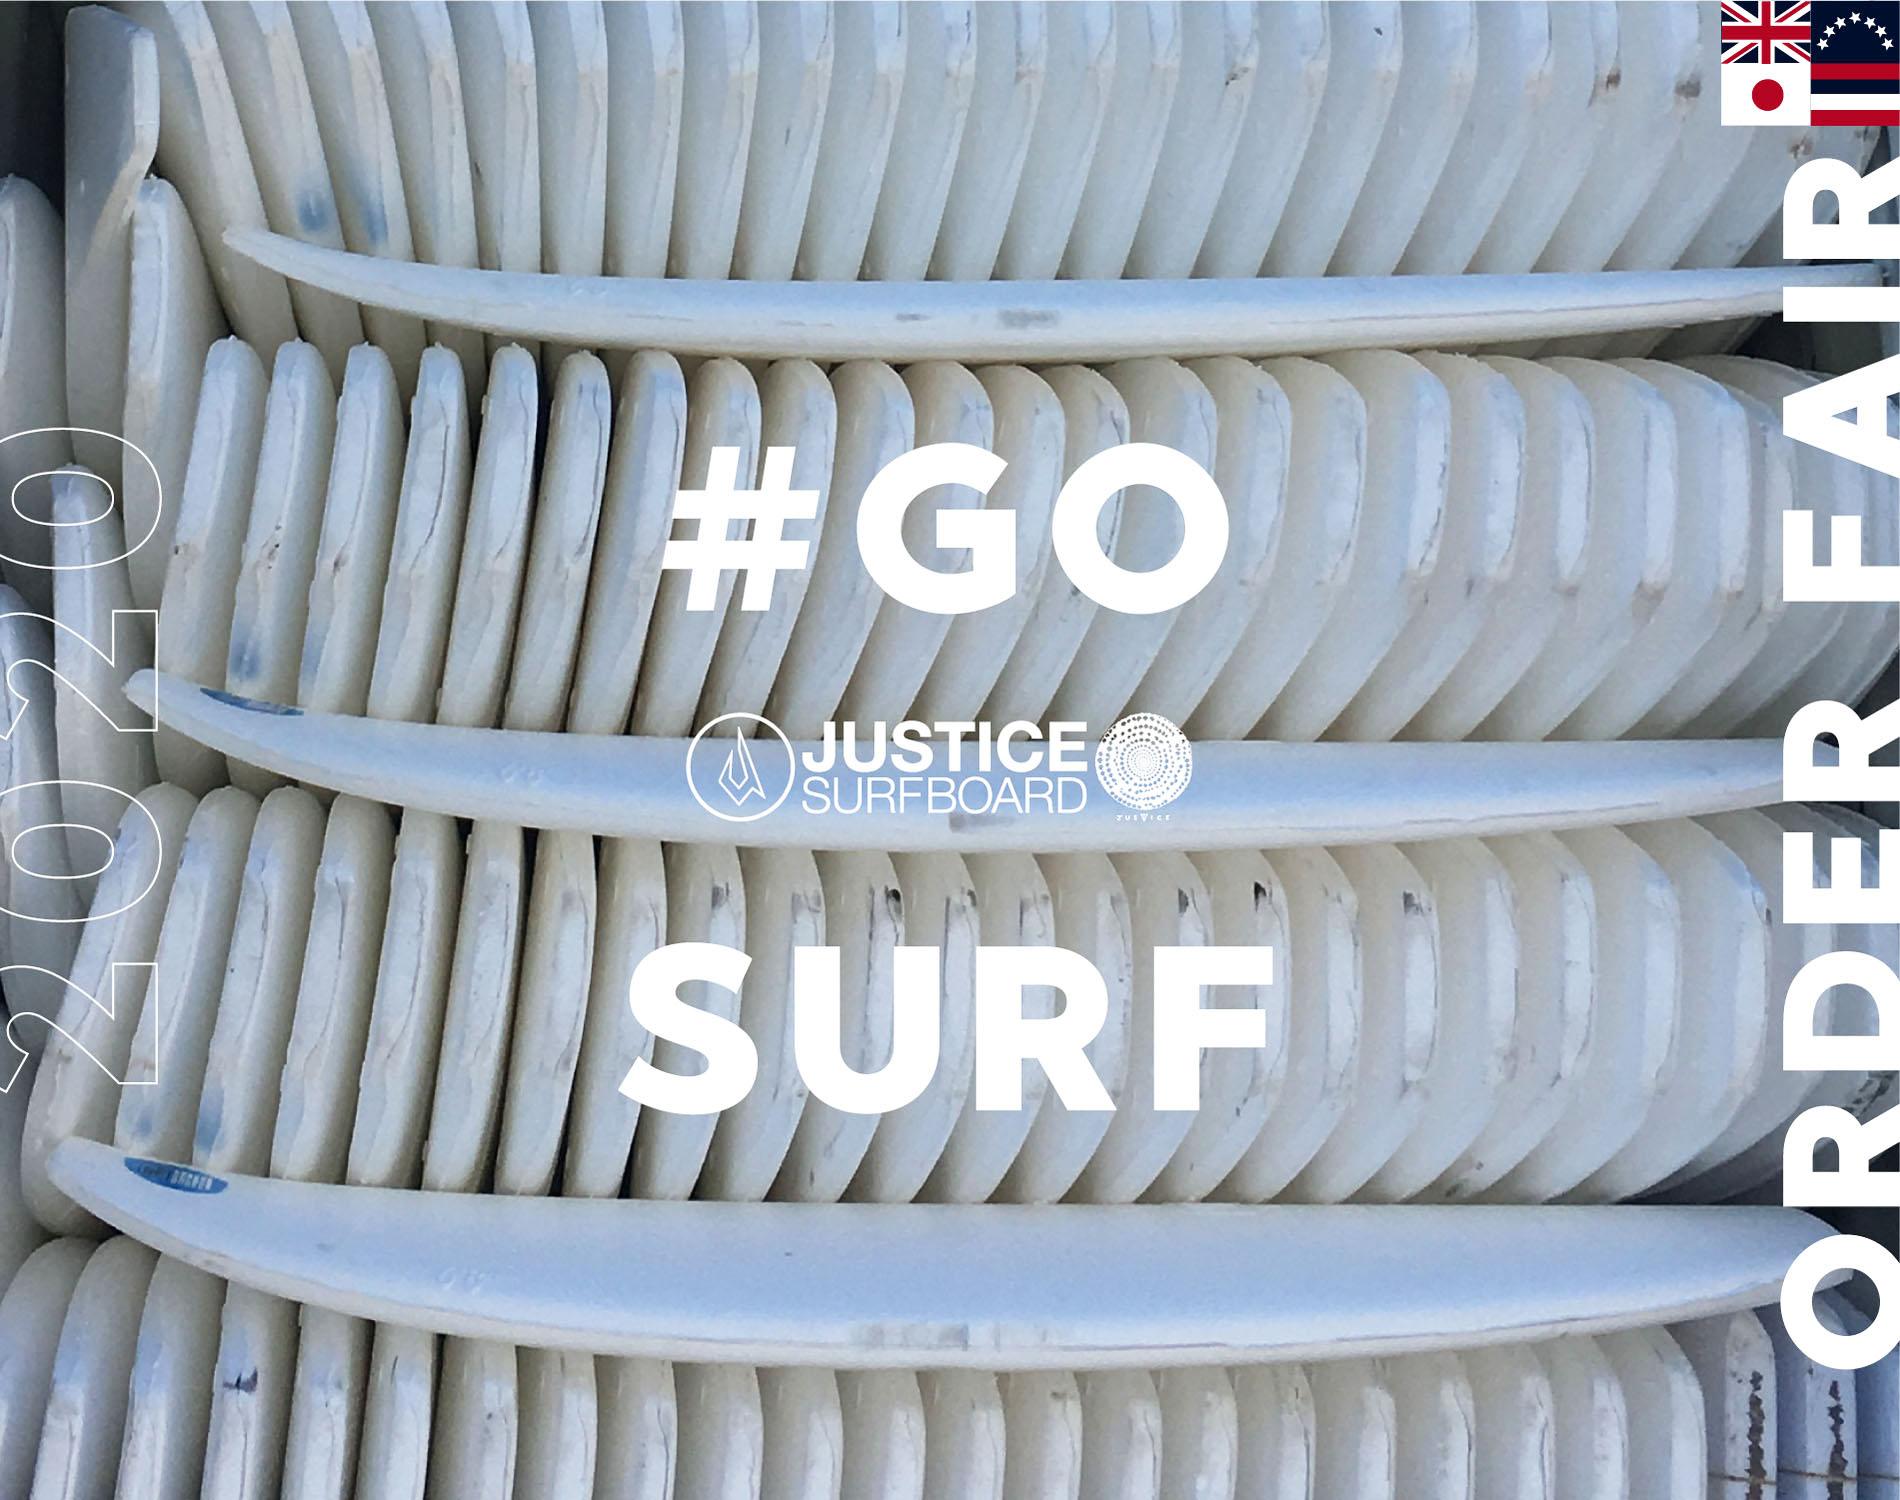 ジャスティスサーフボード| 最短納期約40日!GO SURF オーダーフェア開催中!!